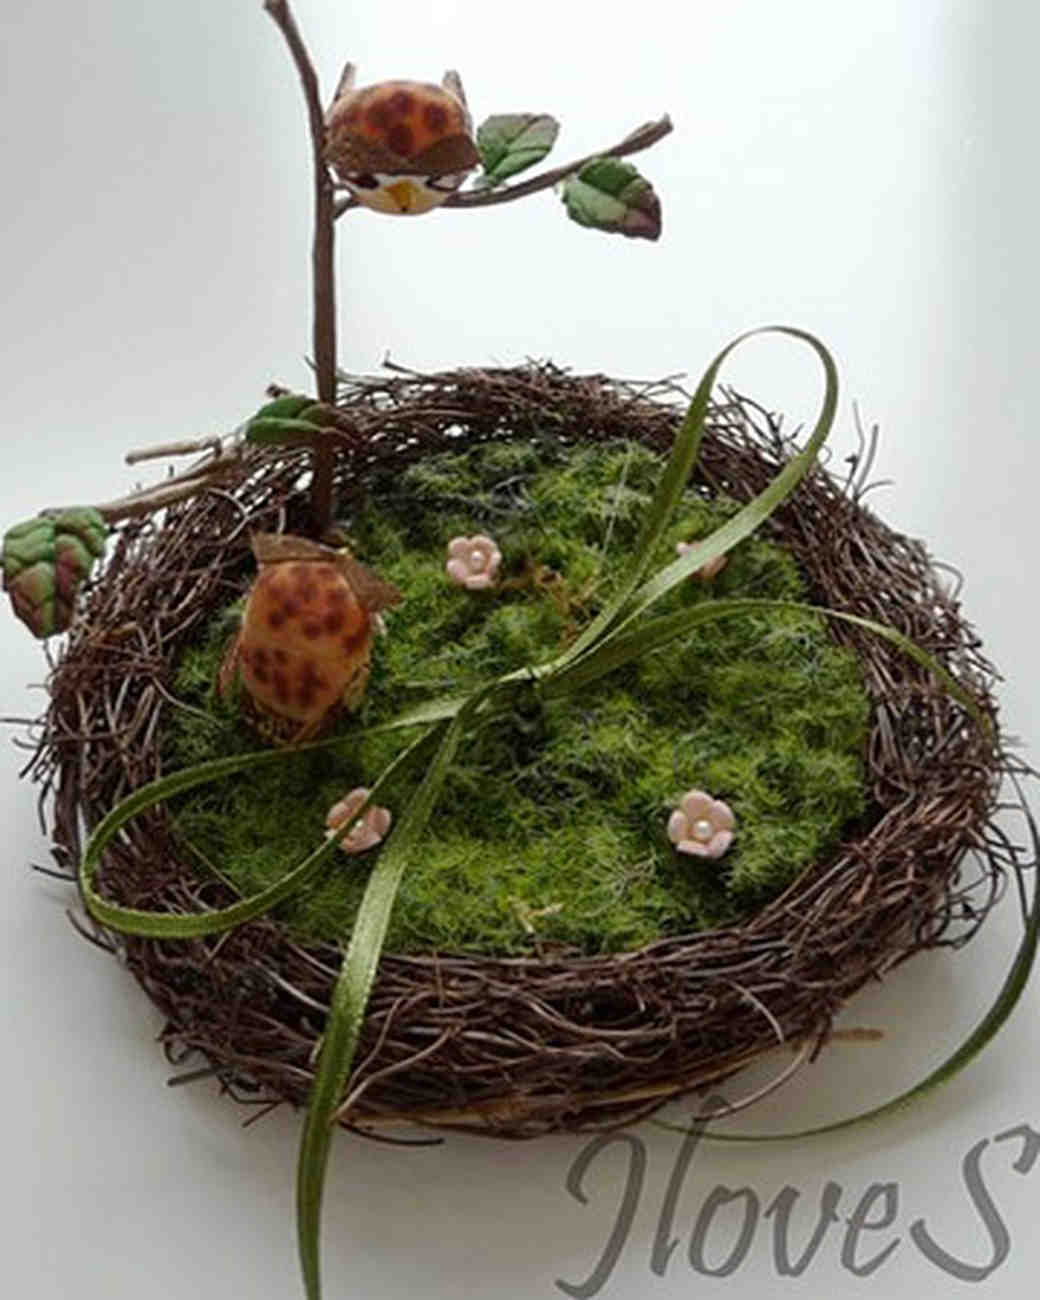 etsy_jloves_bird_nest_ringbearer_pillow.jpg